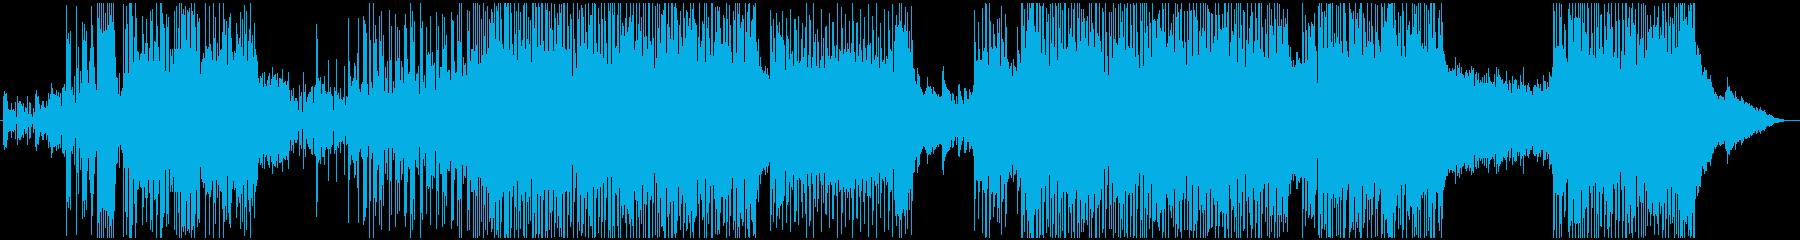 爽やかロック系のBGMですの再生済みの波形